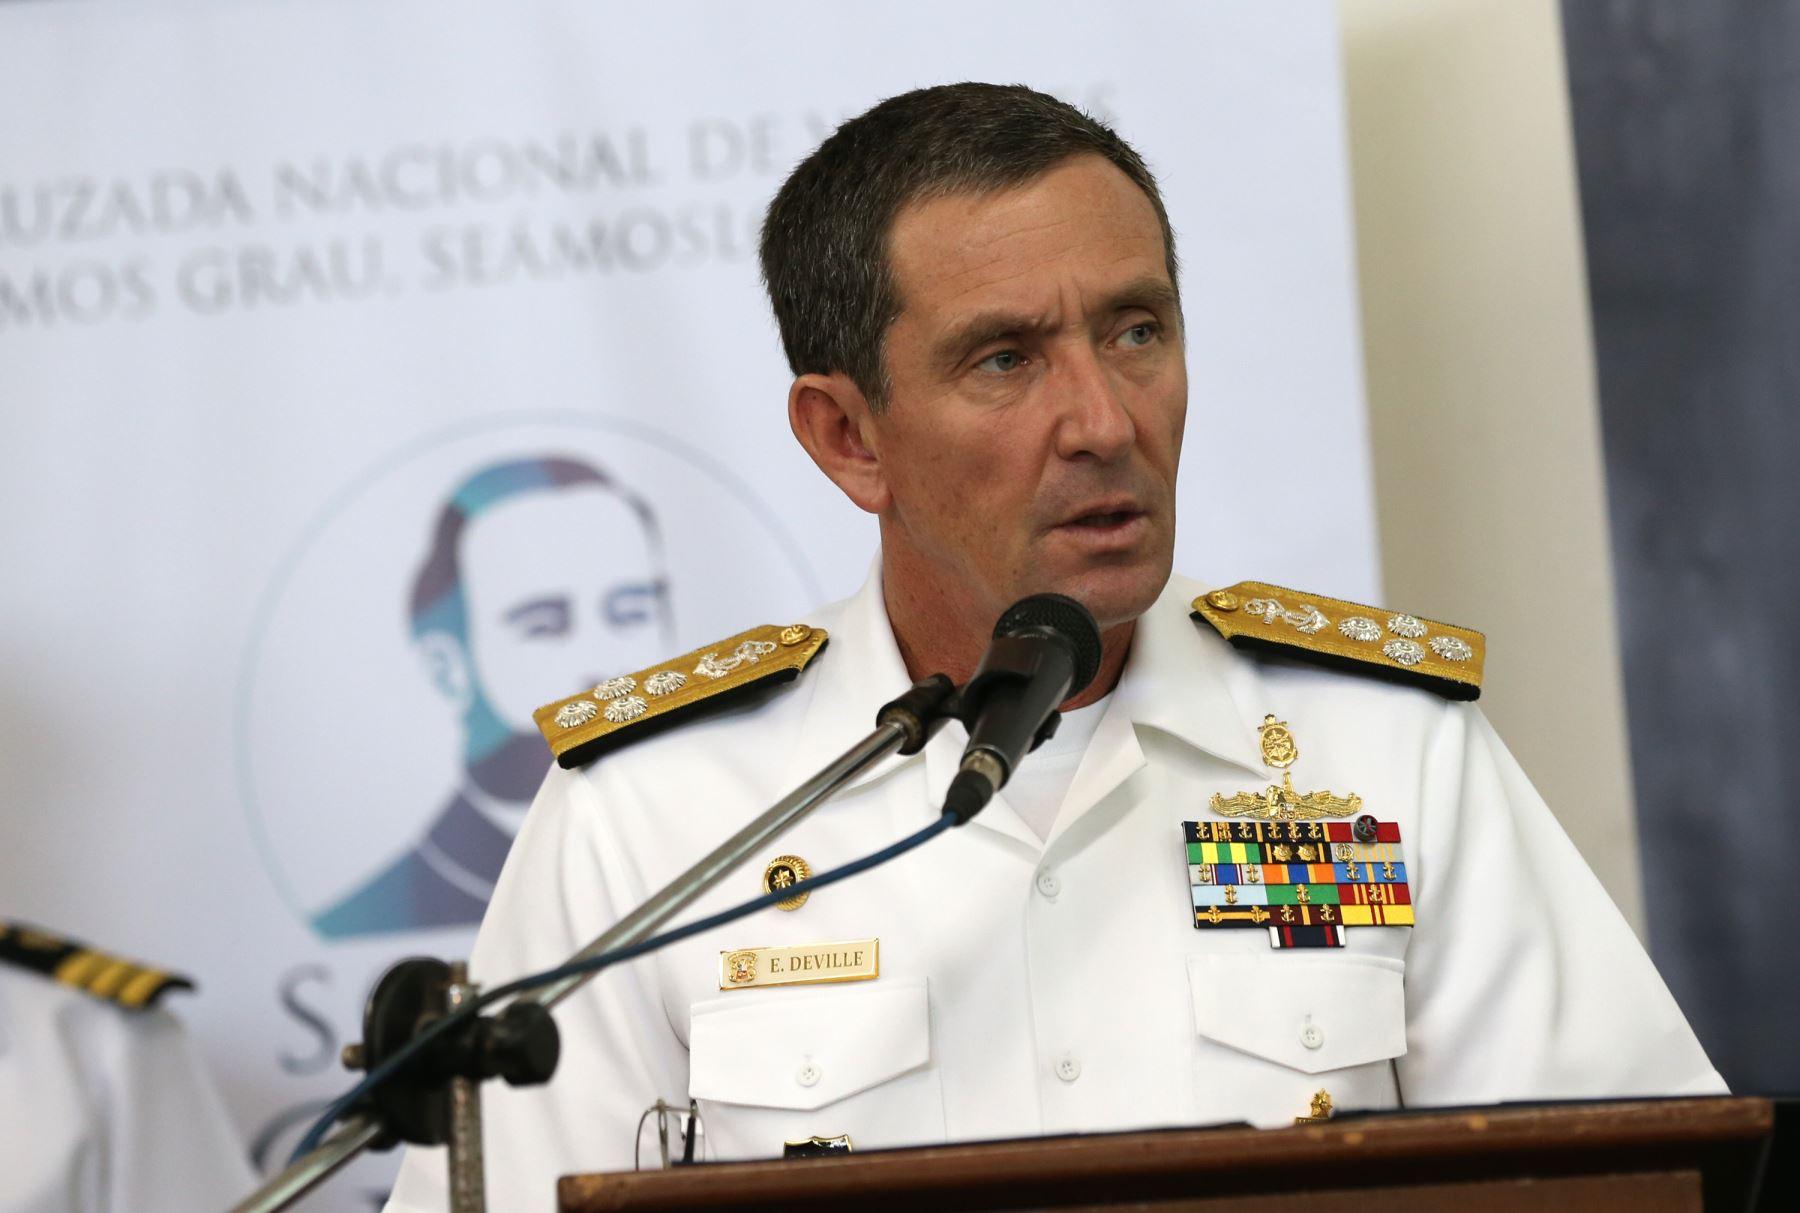 Almirante Edmundo Deville del Campo. ANDINA/Norman Córdova